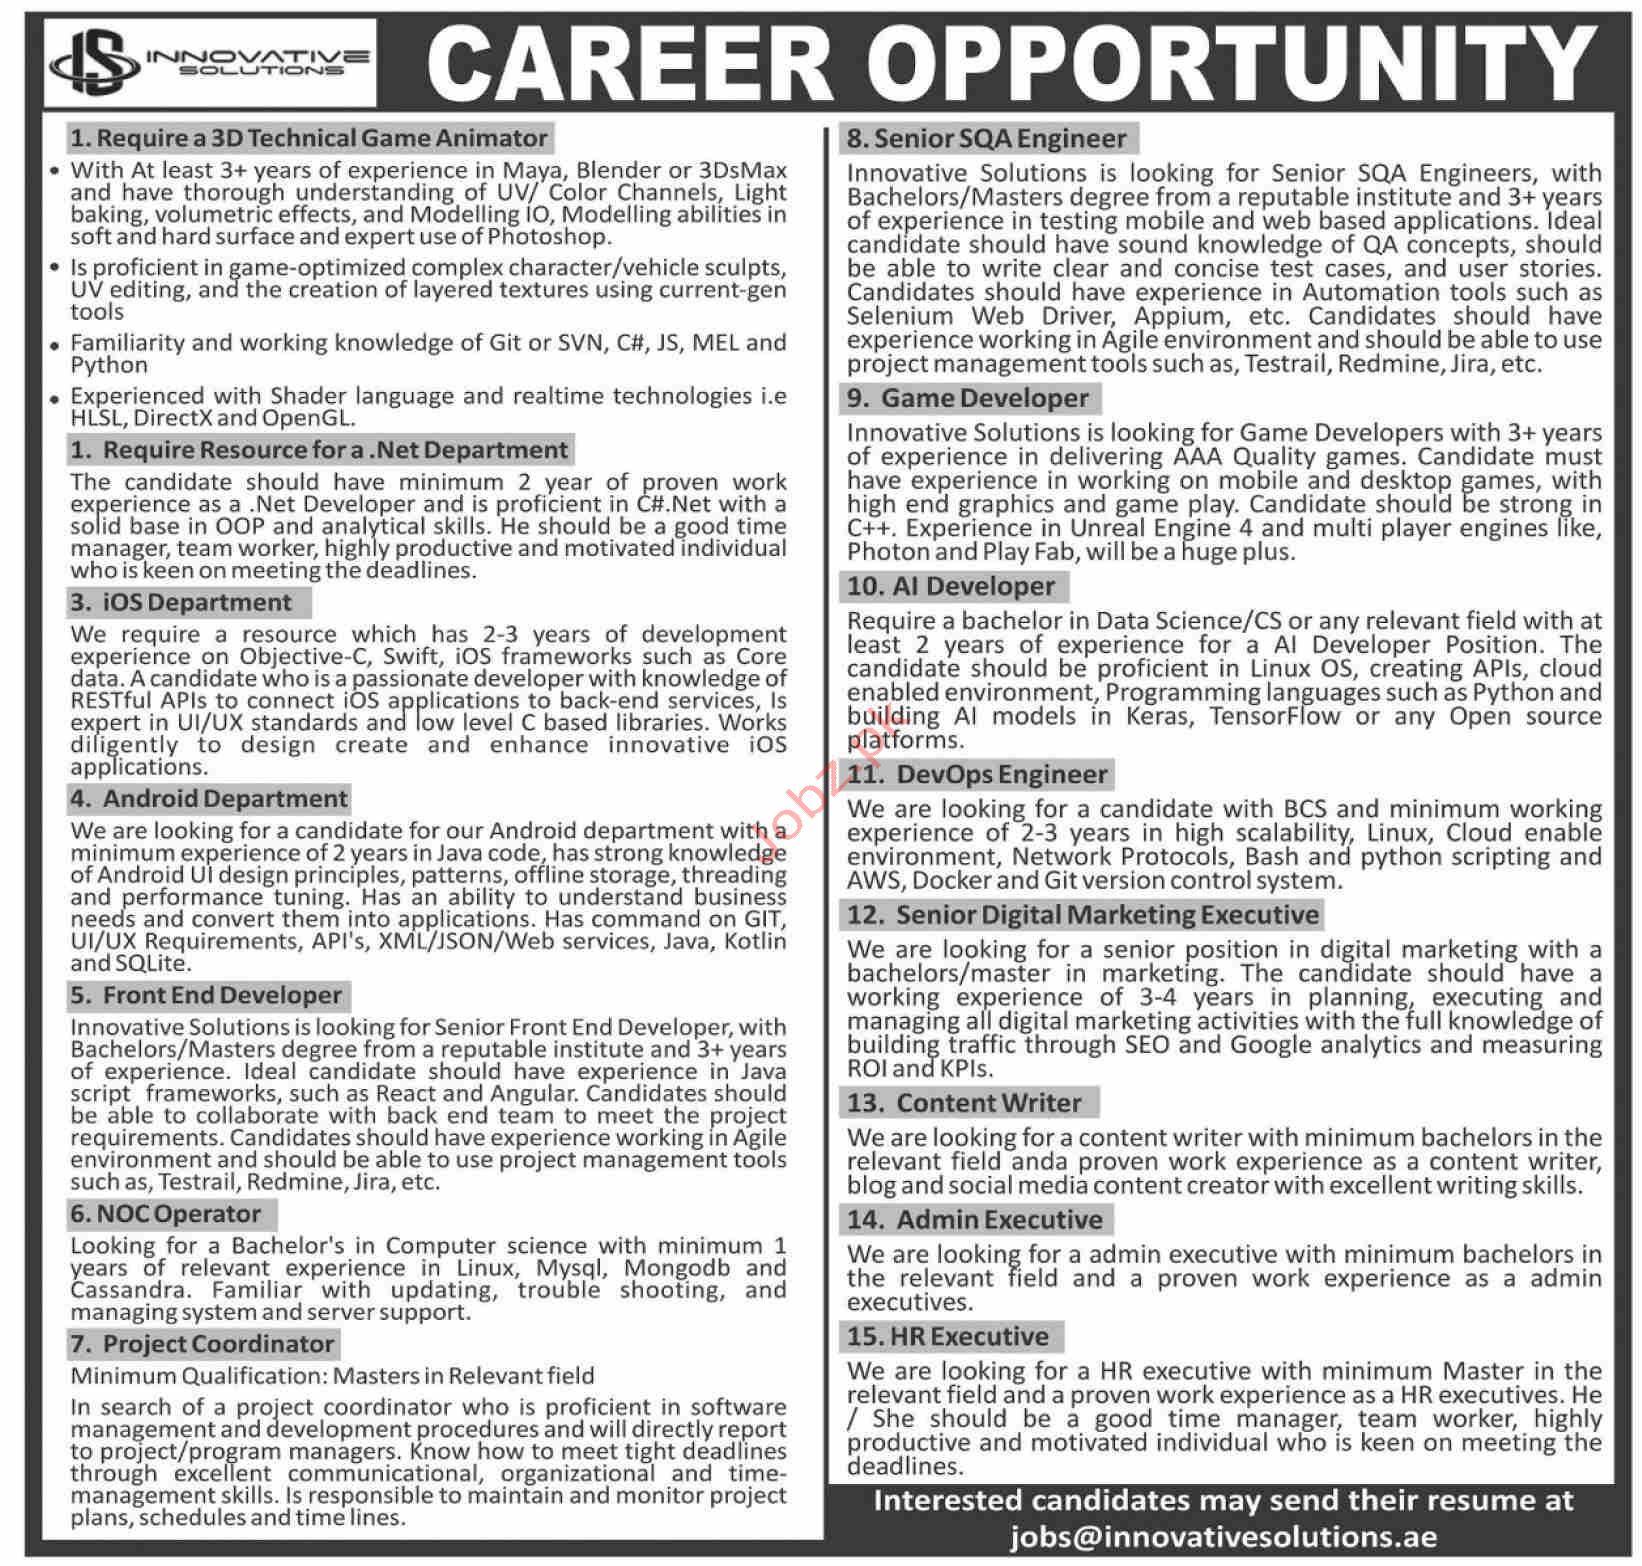 Innovative Solutions Jobs in Karachi